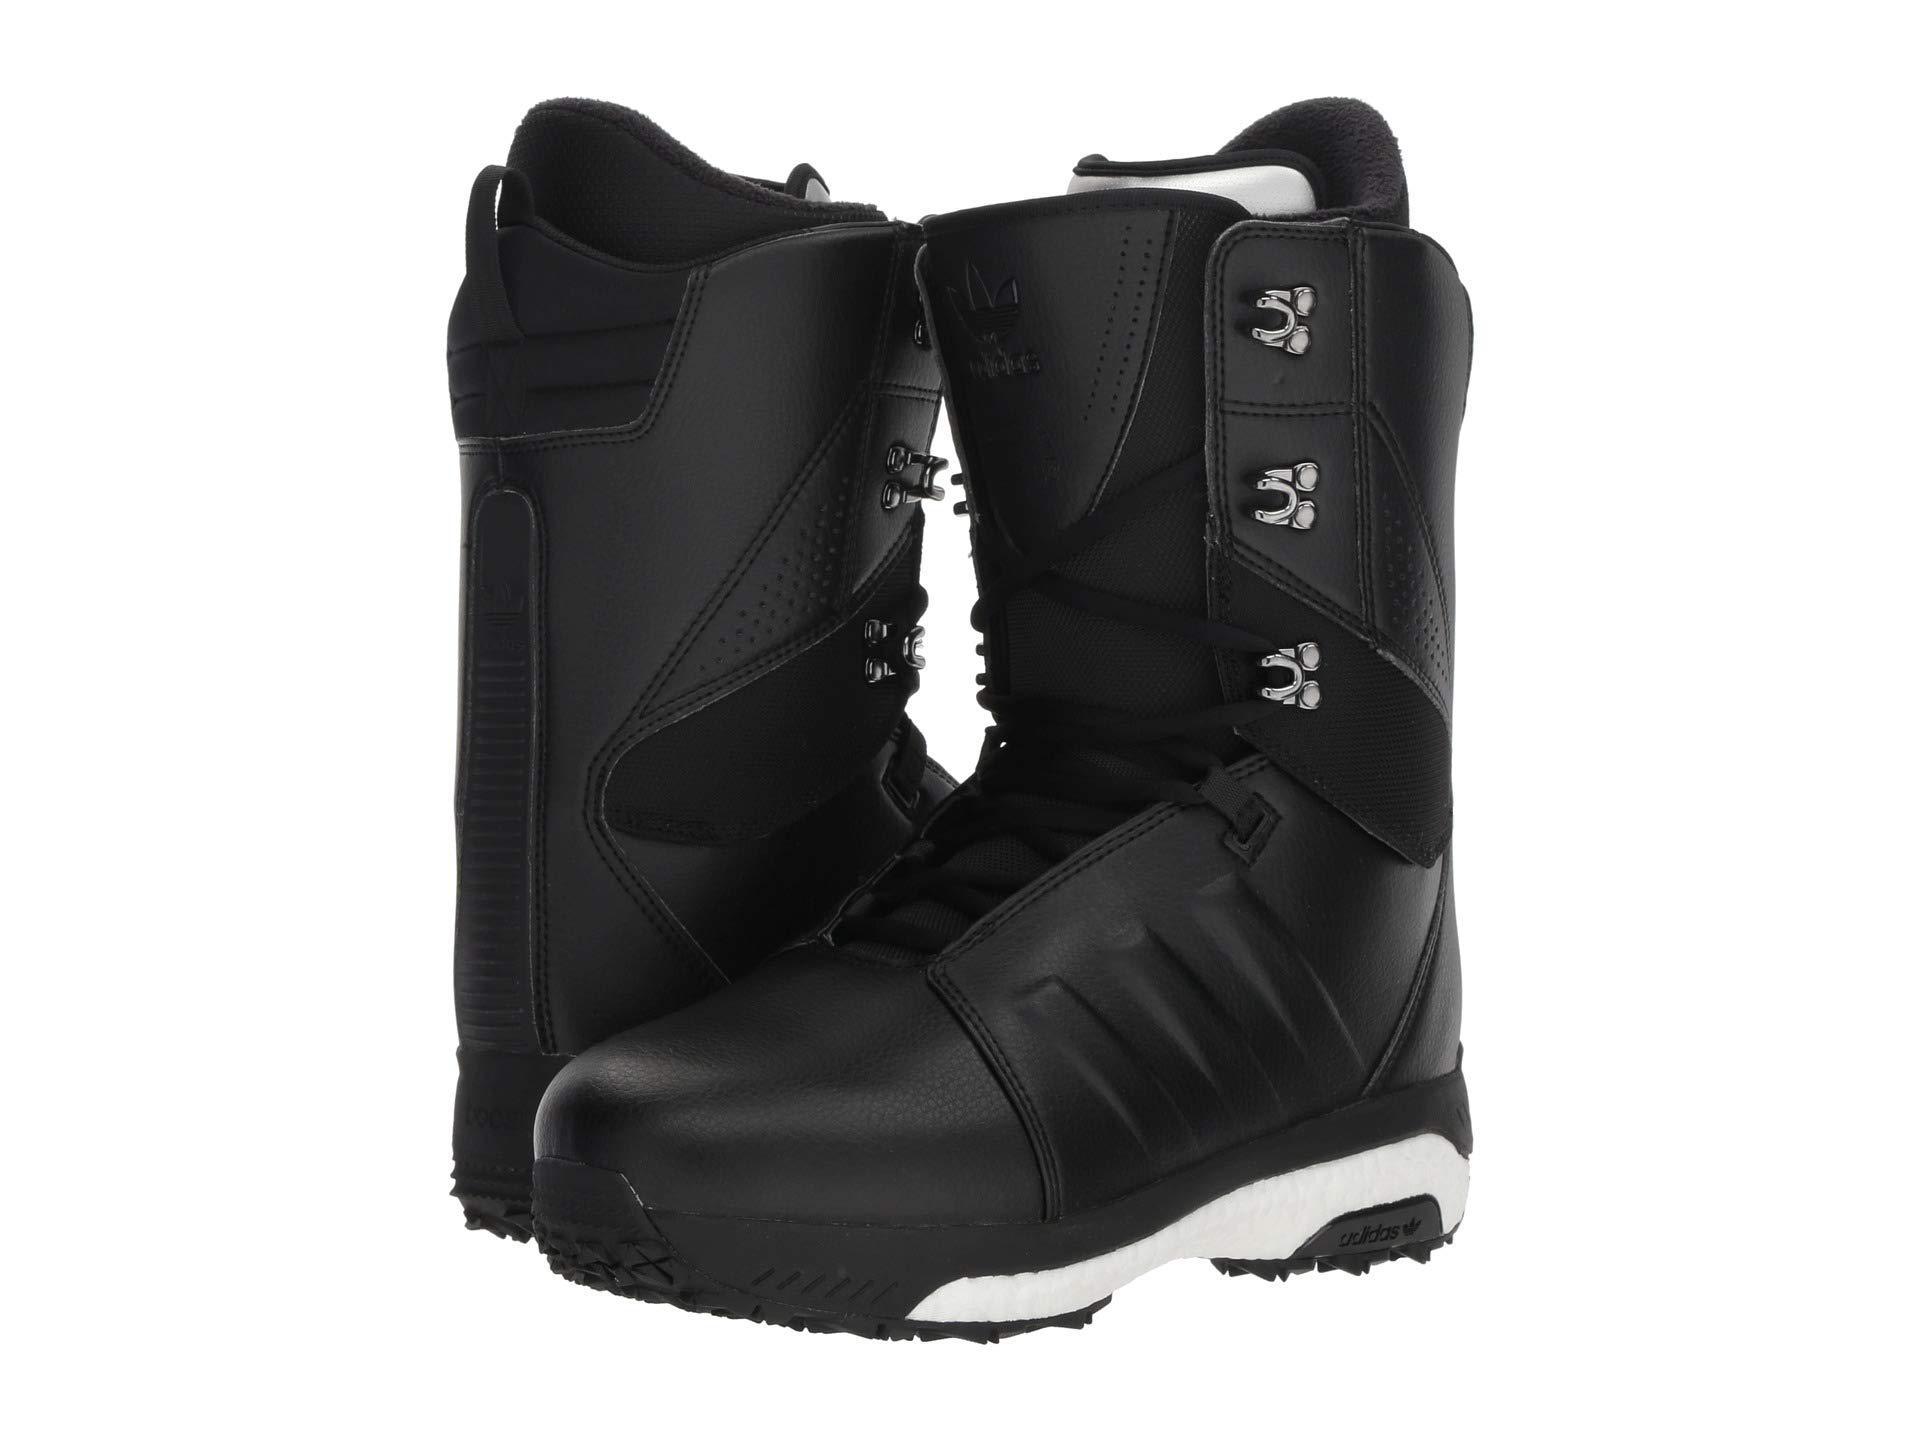 new product 4464a bc1c4 ... promo codes Lyst - Adidas Originals Tactical Adv Snow Boot 18 (black)  Men s ...